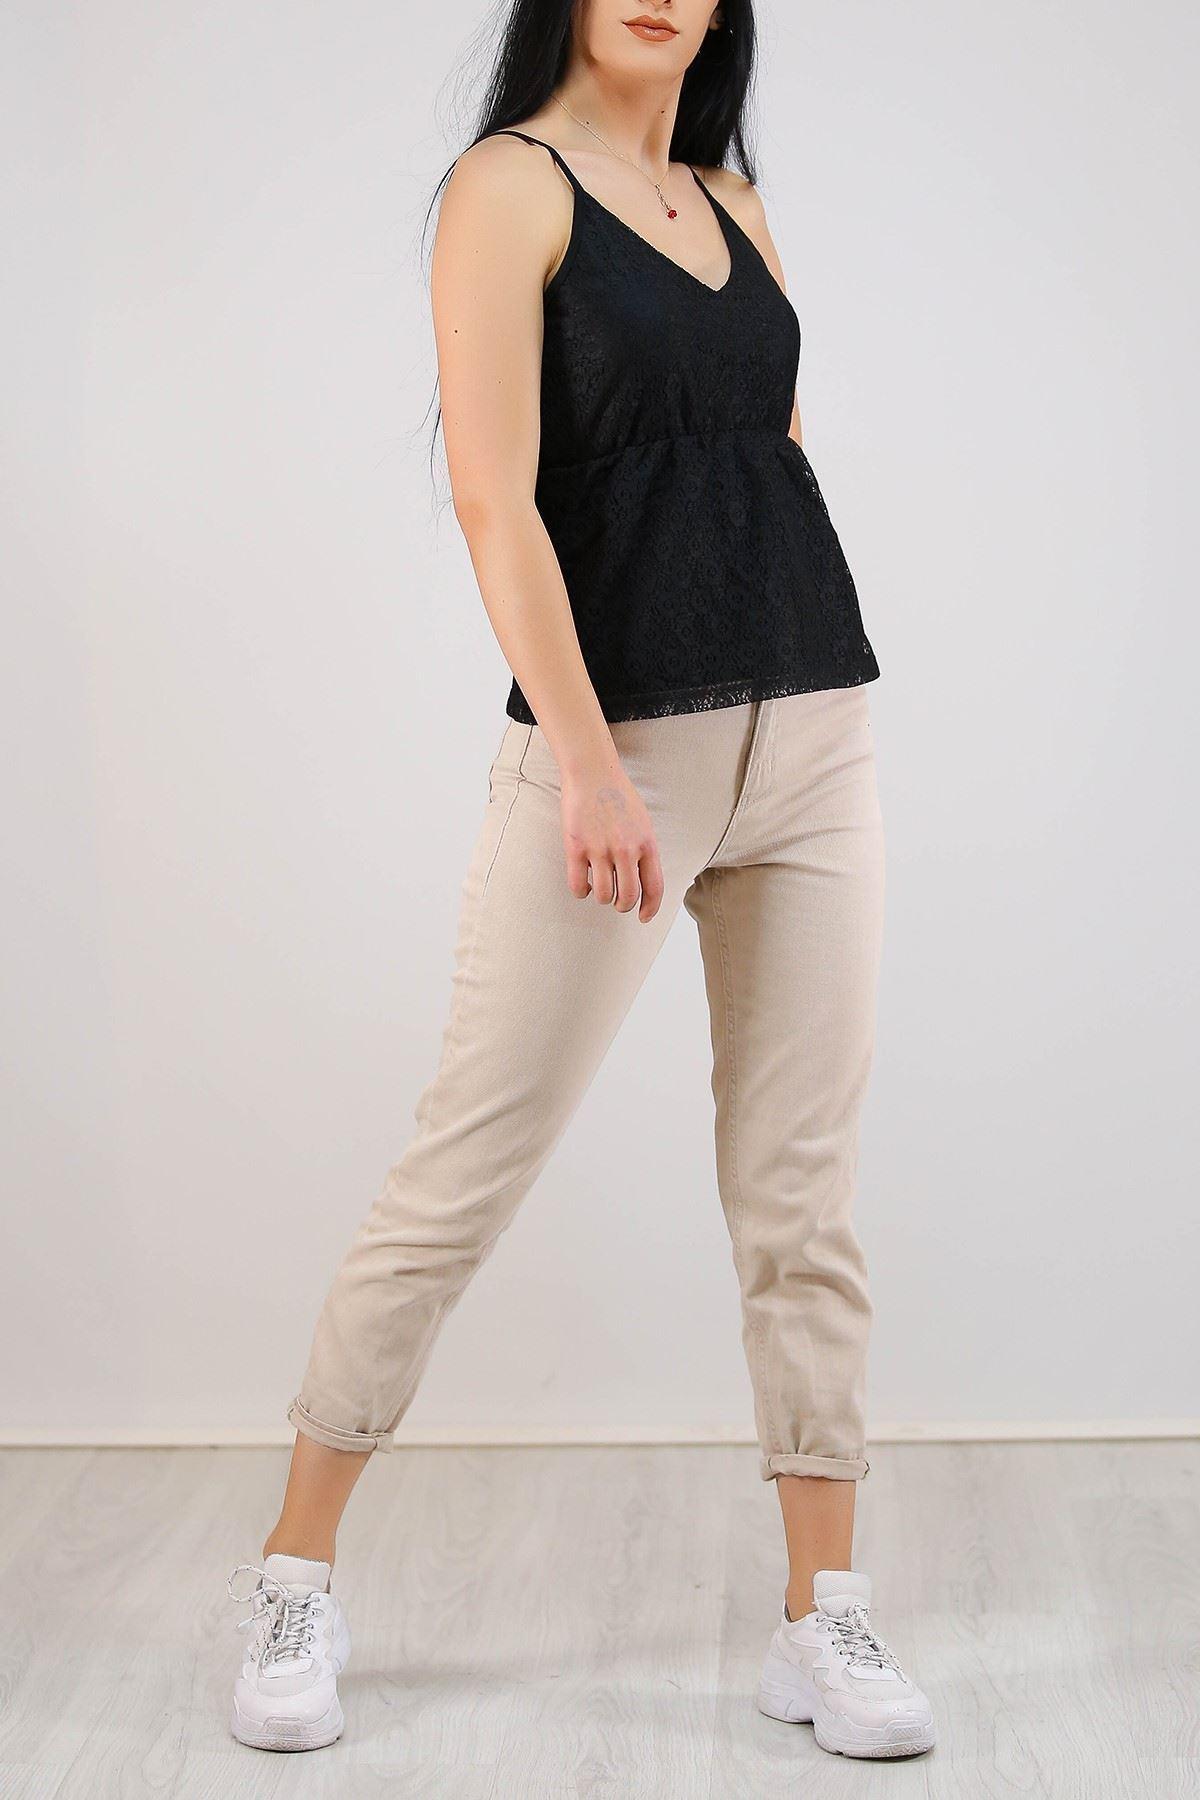 Dantelli Astarlı Bluz Siyah - 5305.224.